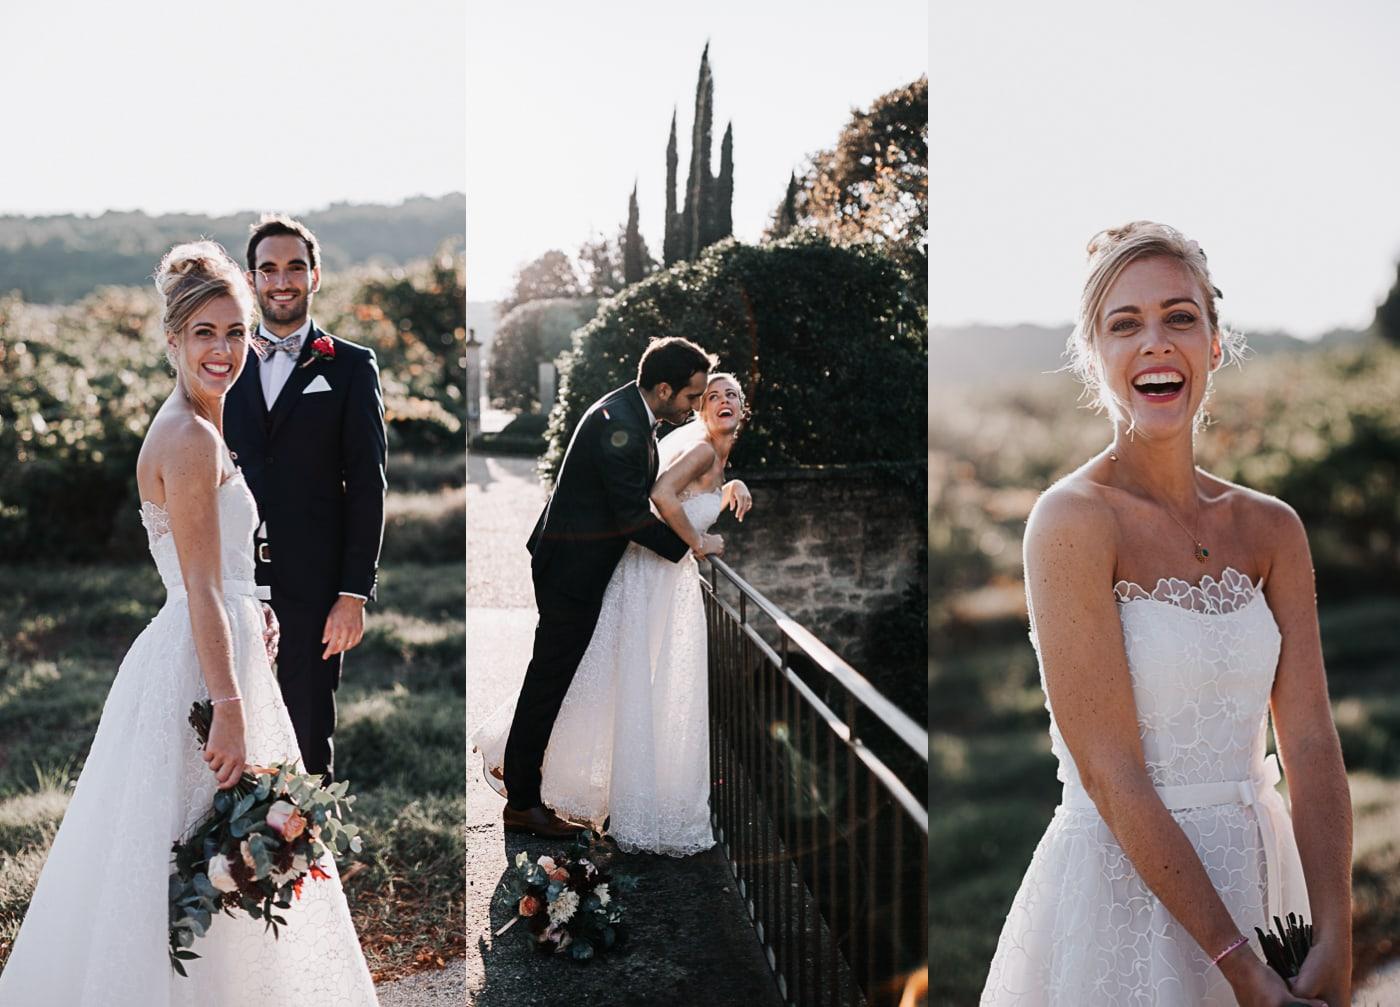 Triptique séance photos de mariée au Chateau Latour Vaucros-Delphine Closse